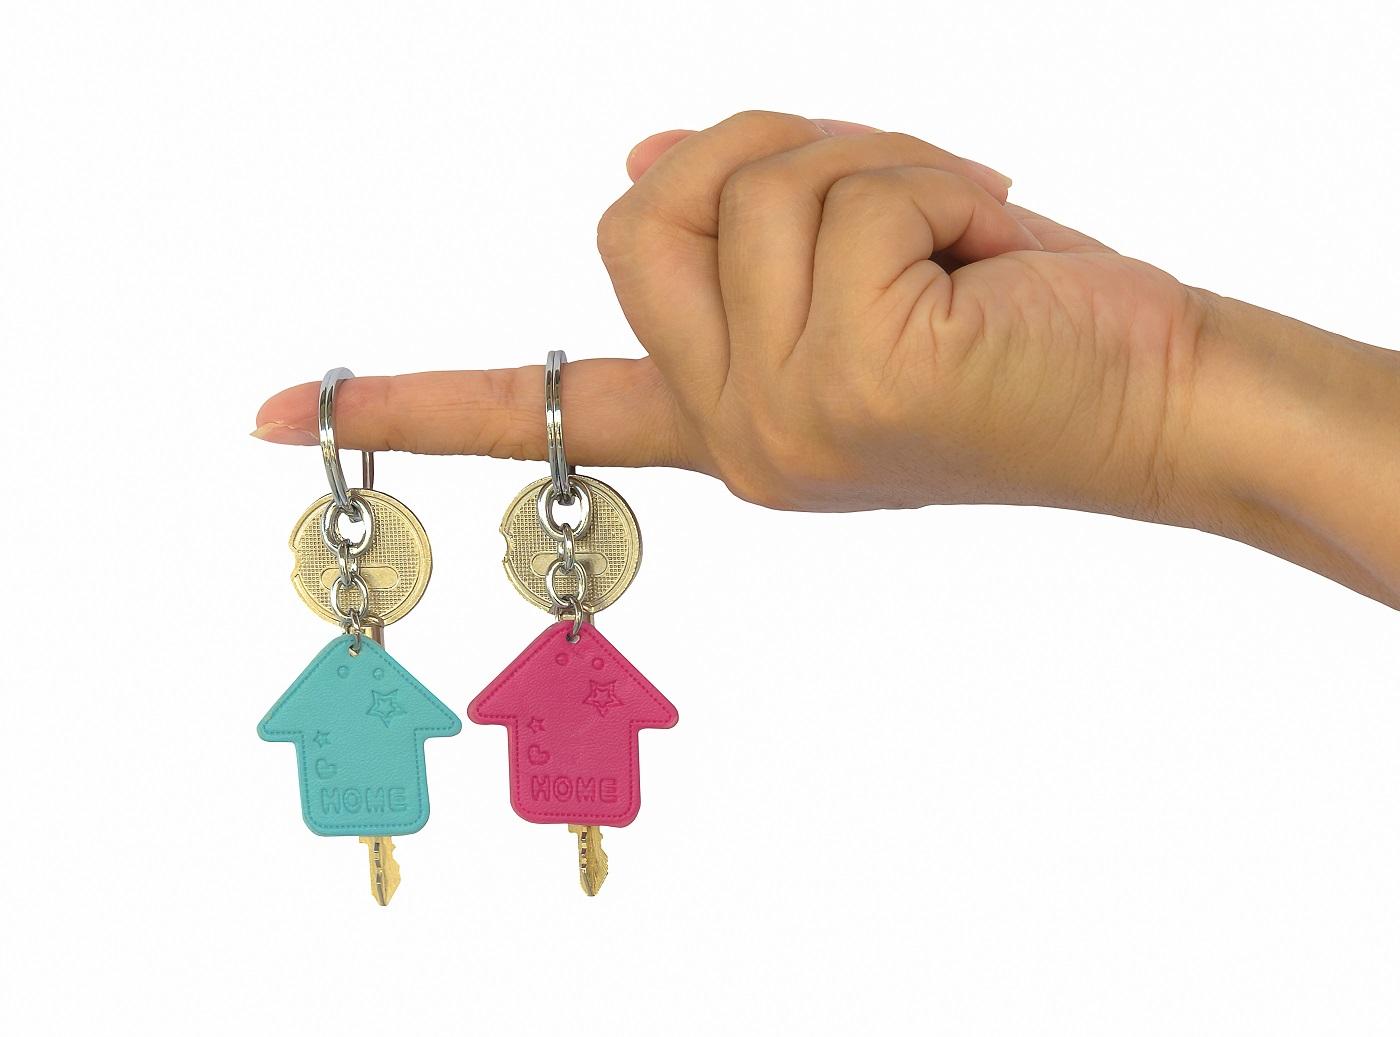 Acquistare seconda casa conviene unicredit subito casa - Imposte acquisto seconda casa ...